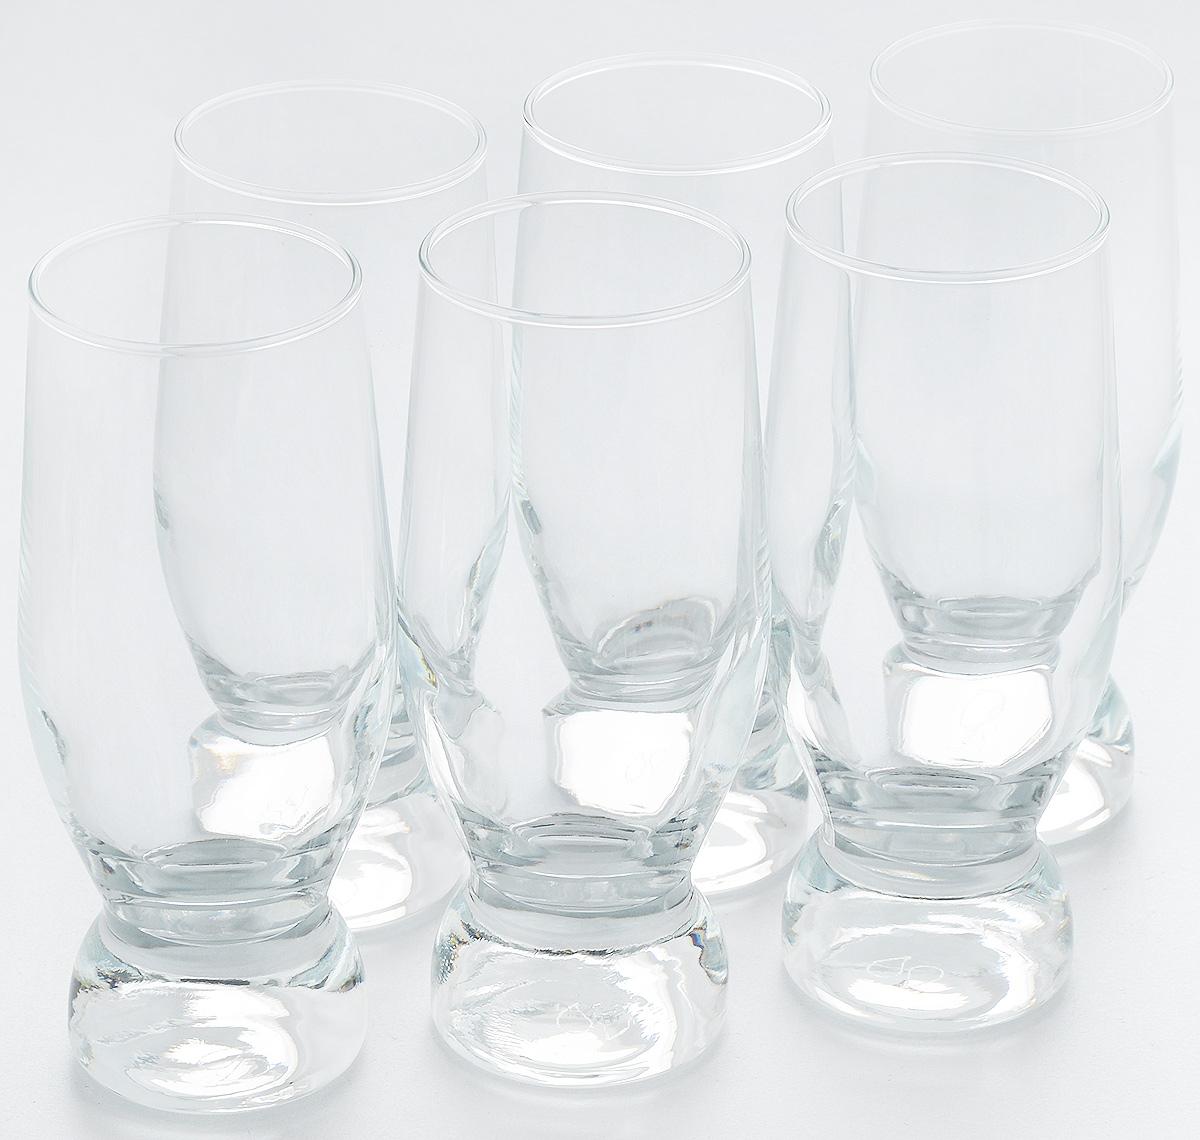 Набор стаканов для коктейлей Pasabahce Aquatic, 265 мл, 6 шт42414BНабор Pasabahce, состоящий из шести стаканов, несомненно, придется вам по душе. Стаканы предназначены для подачи коктейлей, сока, воды и других напитков. Они изготовлены из прочного высококачественного прозрачного стекла и сочетают в себе элегантный дизайн и функциональность. Благодаря такому набору пить напитки будет еще вкуснее.Набор стаканов Pasabahce идеально подойдет для сервировки стола и станет отличным подарком к любому празднику.Высота стакана: 15 см.